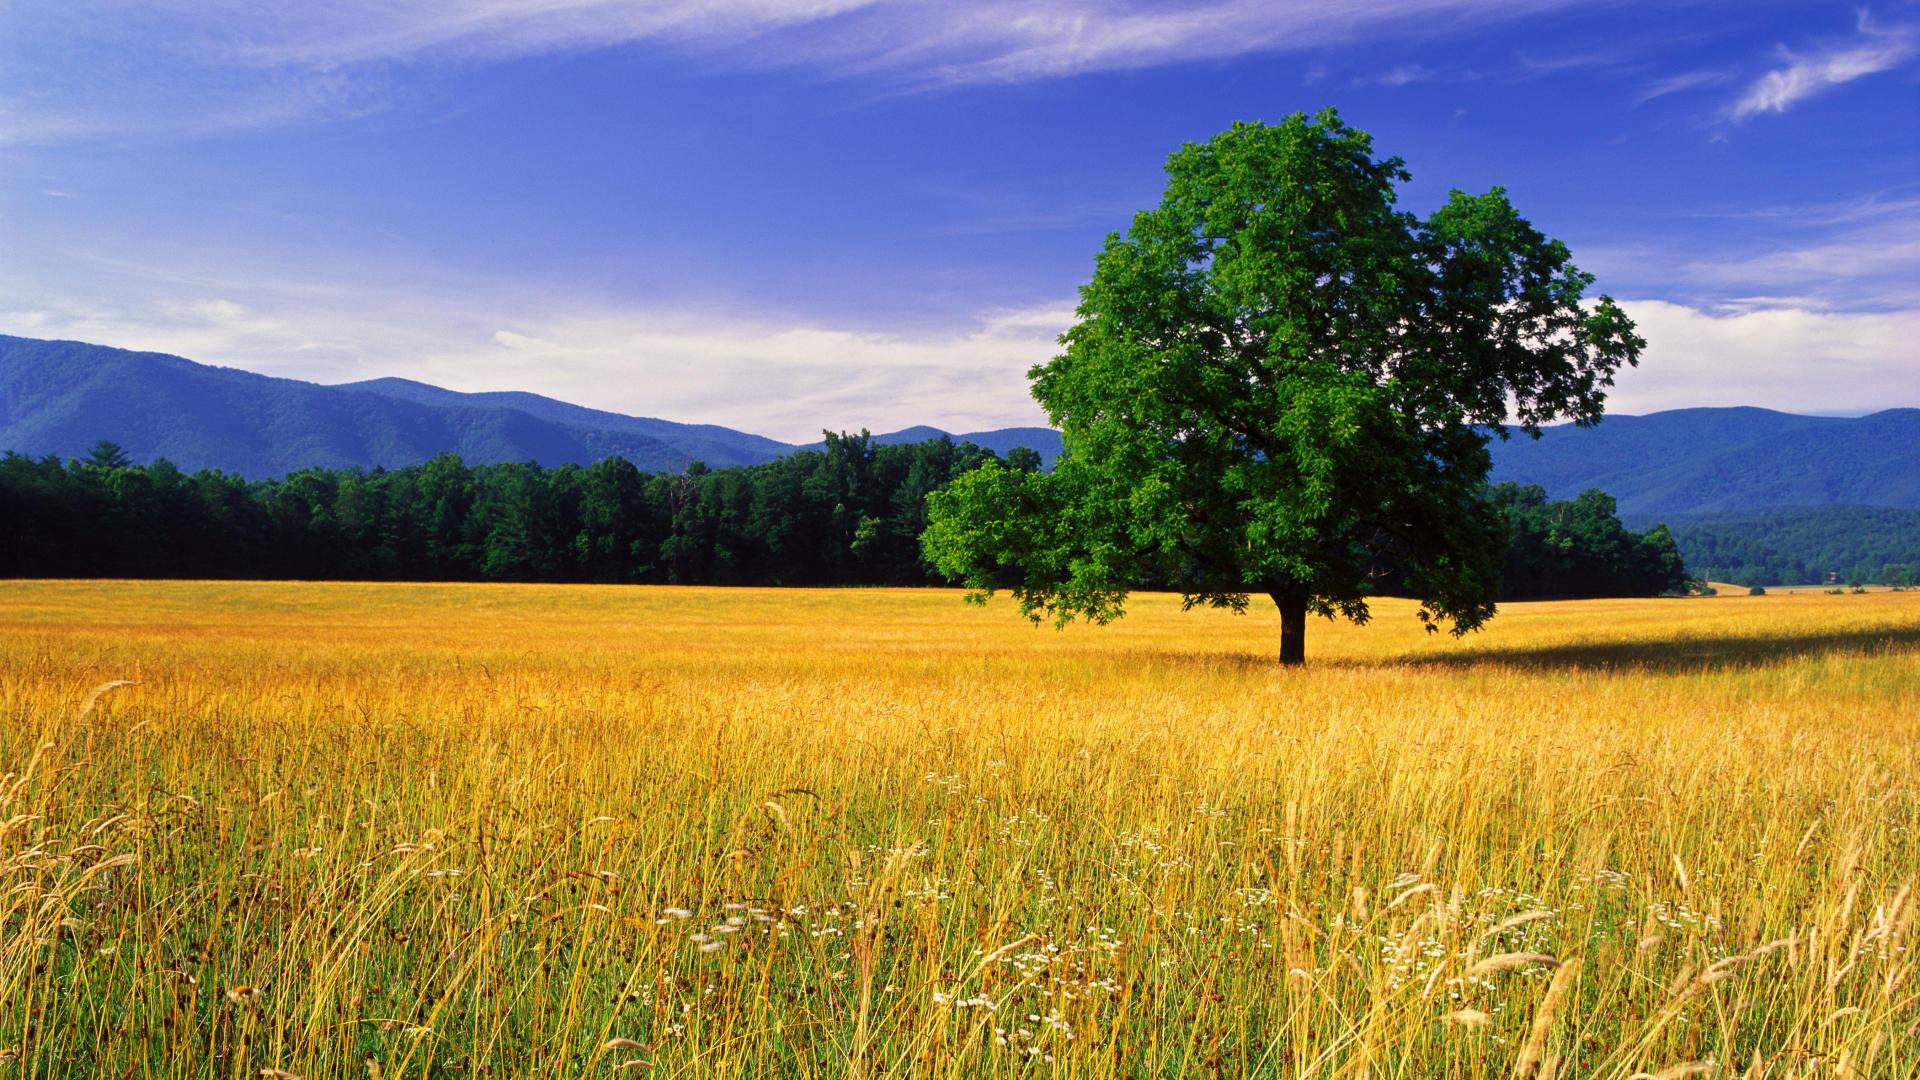 nature landscape beautiful photos best desktop landscape hd wallpapers 1920x1080